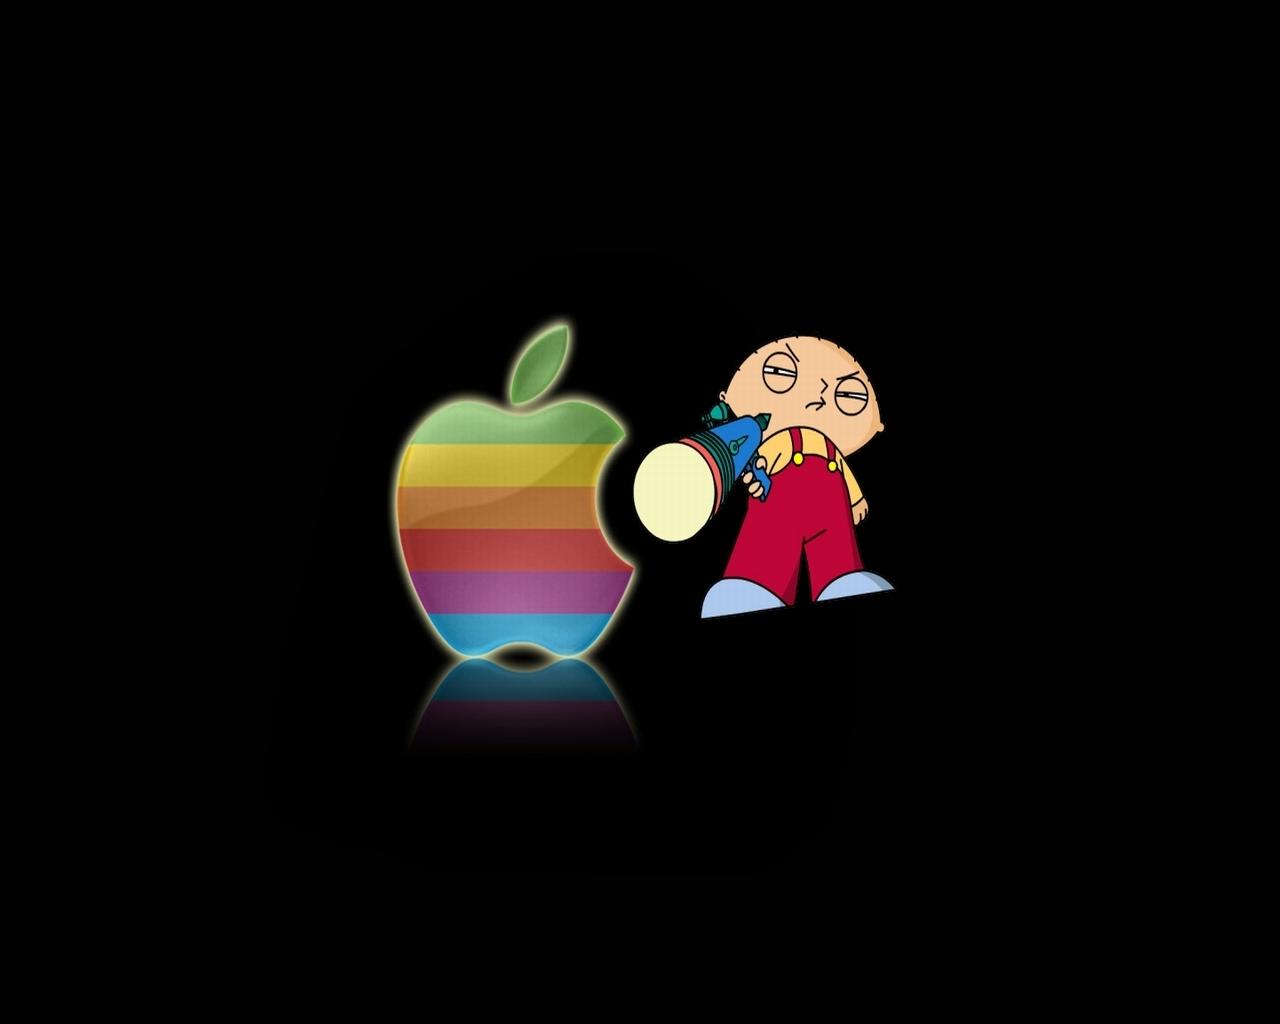 Stewie hates Mac!